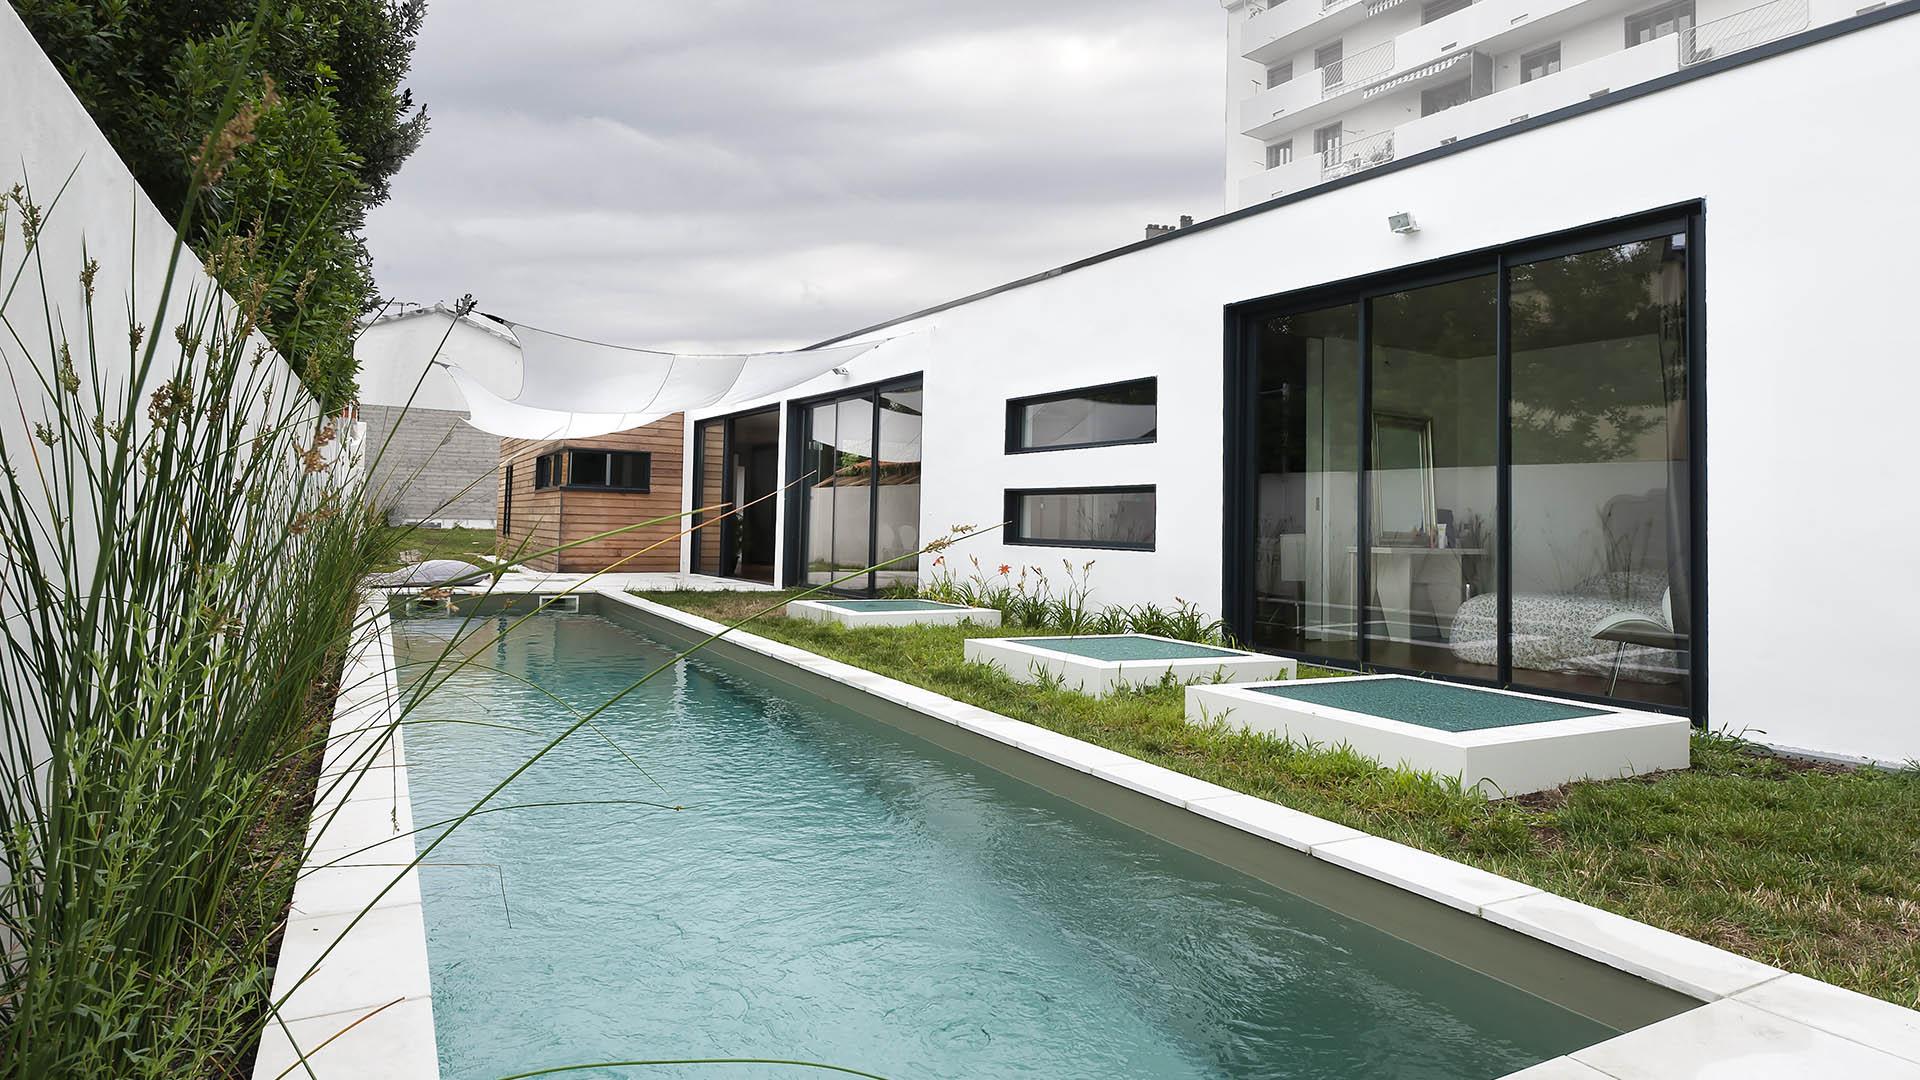 01-Seuil-Architecture-maison-P-crédit-Ph.-Stéphane-Brugidou